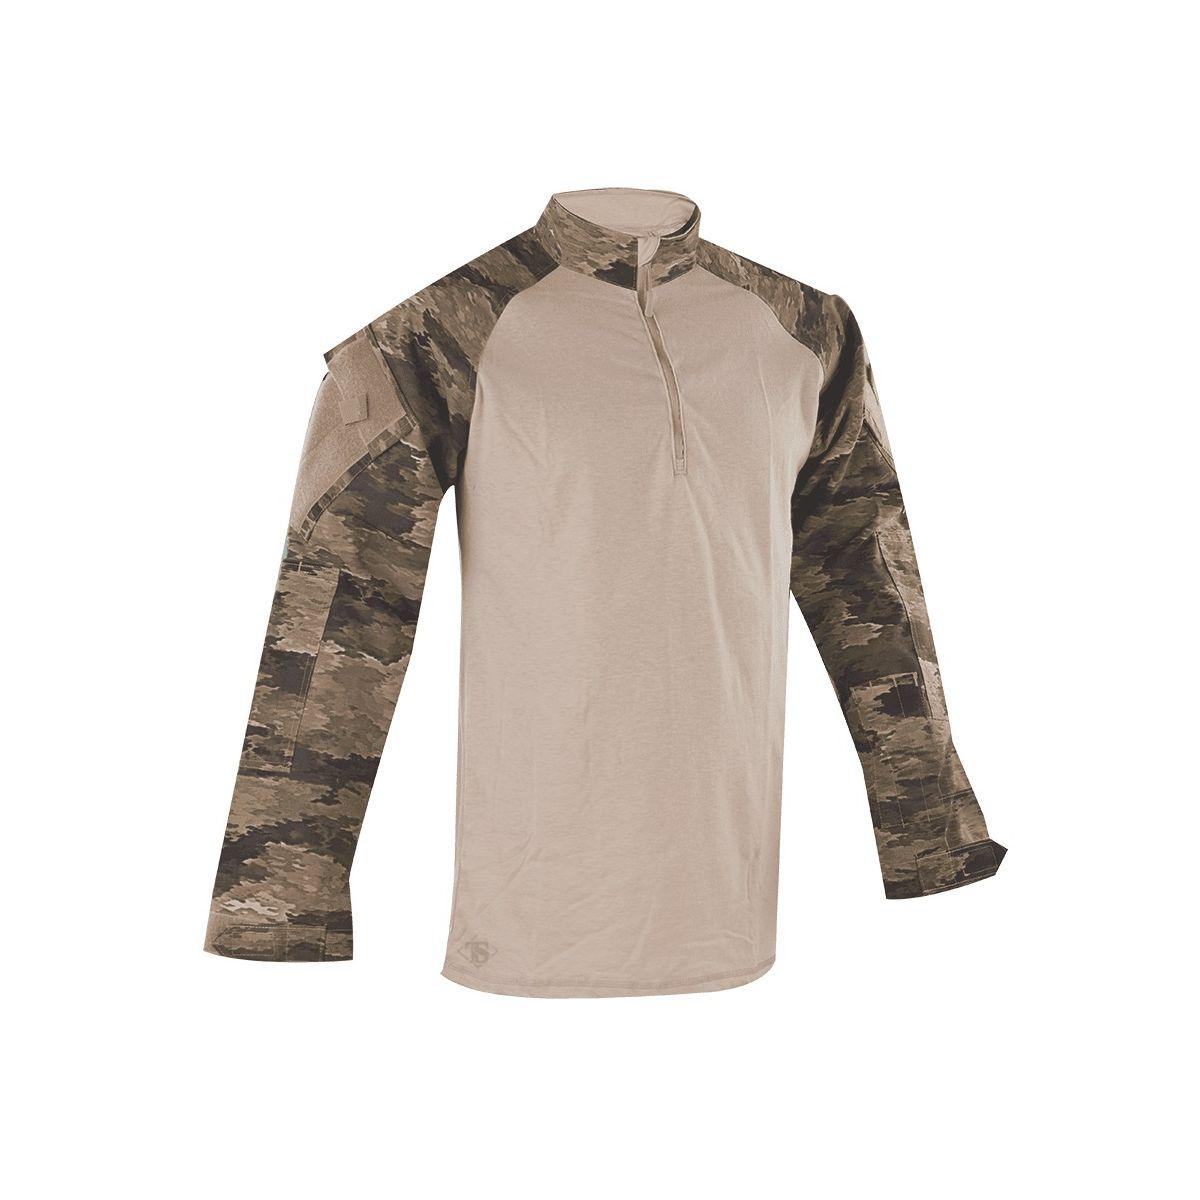 Košile taktická COMBAT TRU 1/4 ZIP A-TACS iX™ TRU-SPEC 25030 L-11